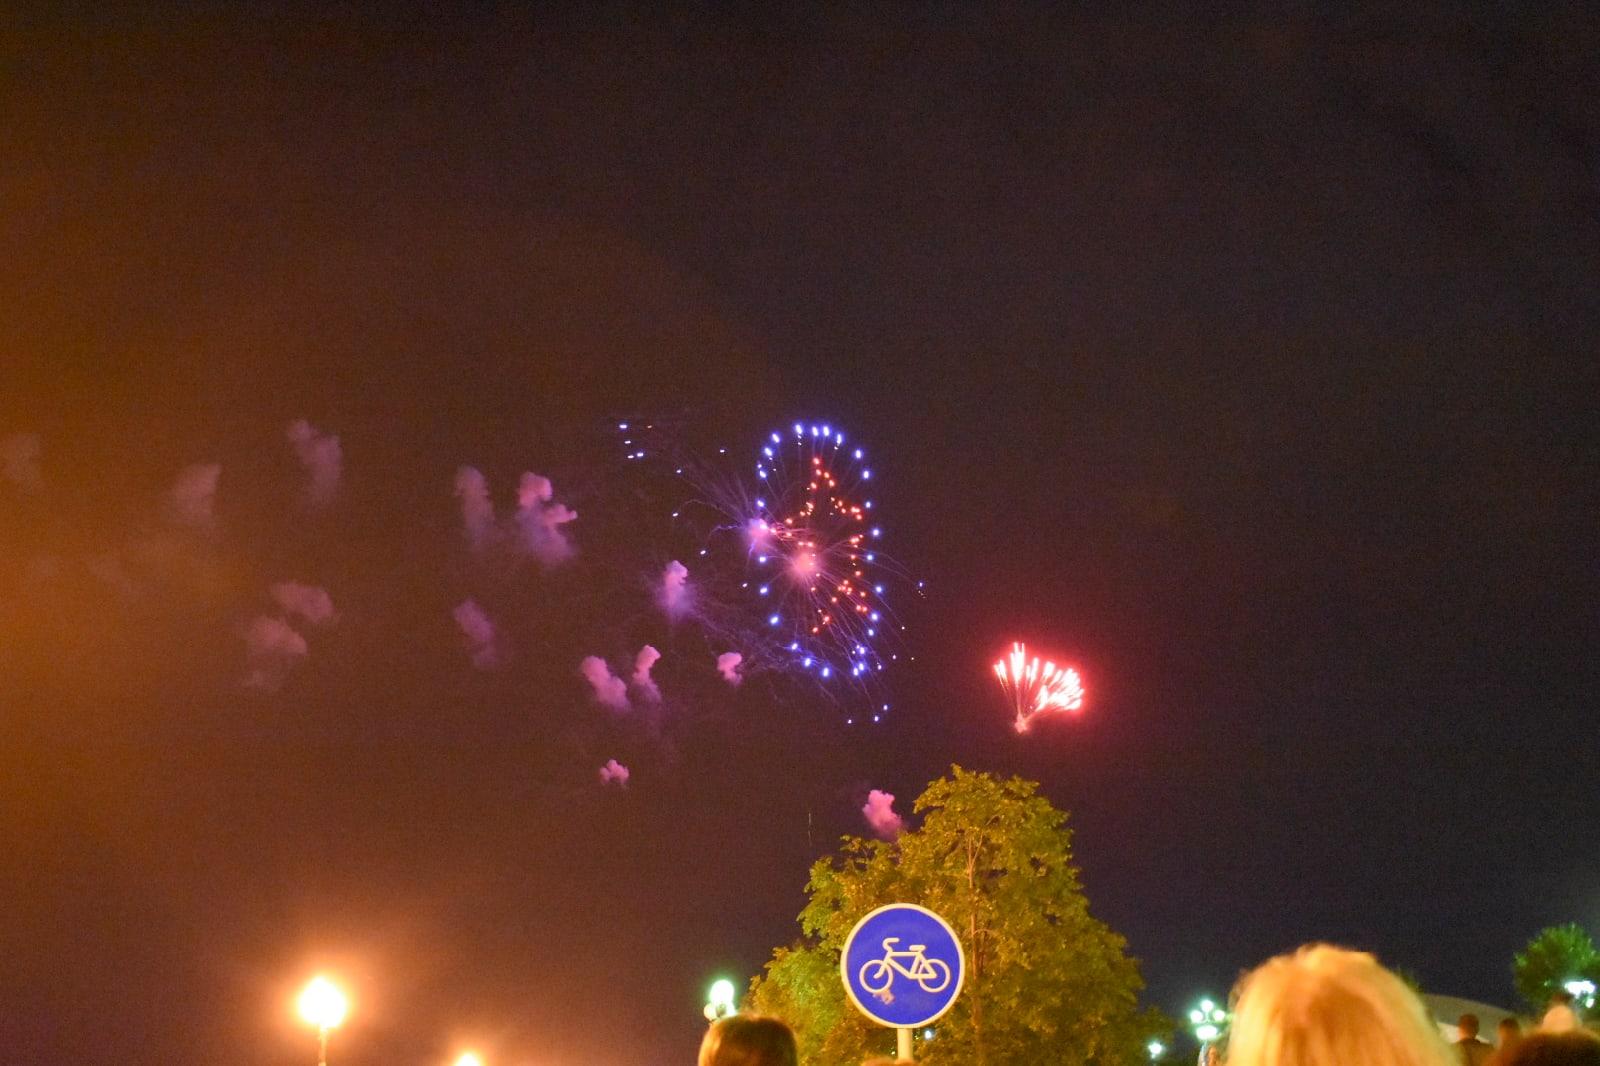 В сети появилось видео красочного салюта на День города в Ярославле